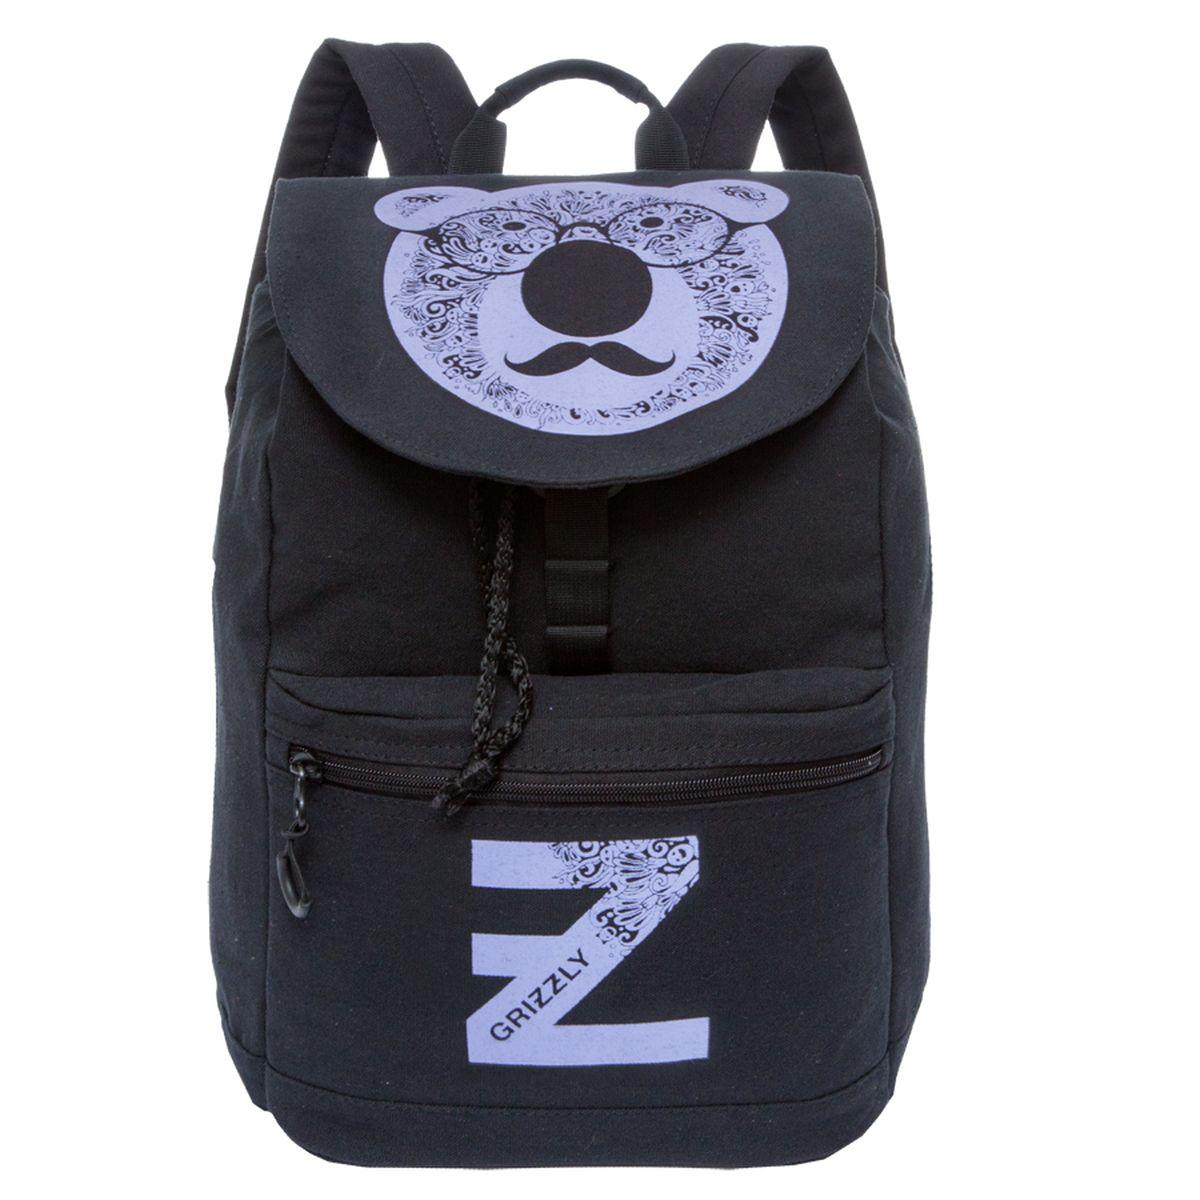 Рюкзак молодежный Grizzly, цвет: черный-лиловый. 18 л. RD-744-1/3MW-1462-01-SR серебристыйРюкзак молодежный, одно отделение, клапан на пряжке-крючкеобъемный карман на молнии на передней стенке, карман для гаджета,внутренний карман на молнии, укрепленная спинка, дополнительная ручка-петля, укрепленные лямки, закрывается затягивающимся шнуром